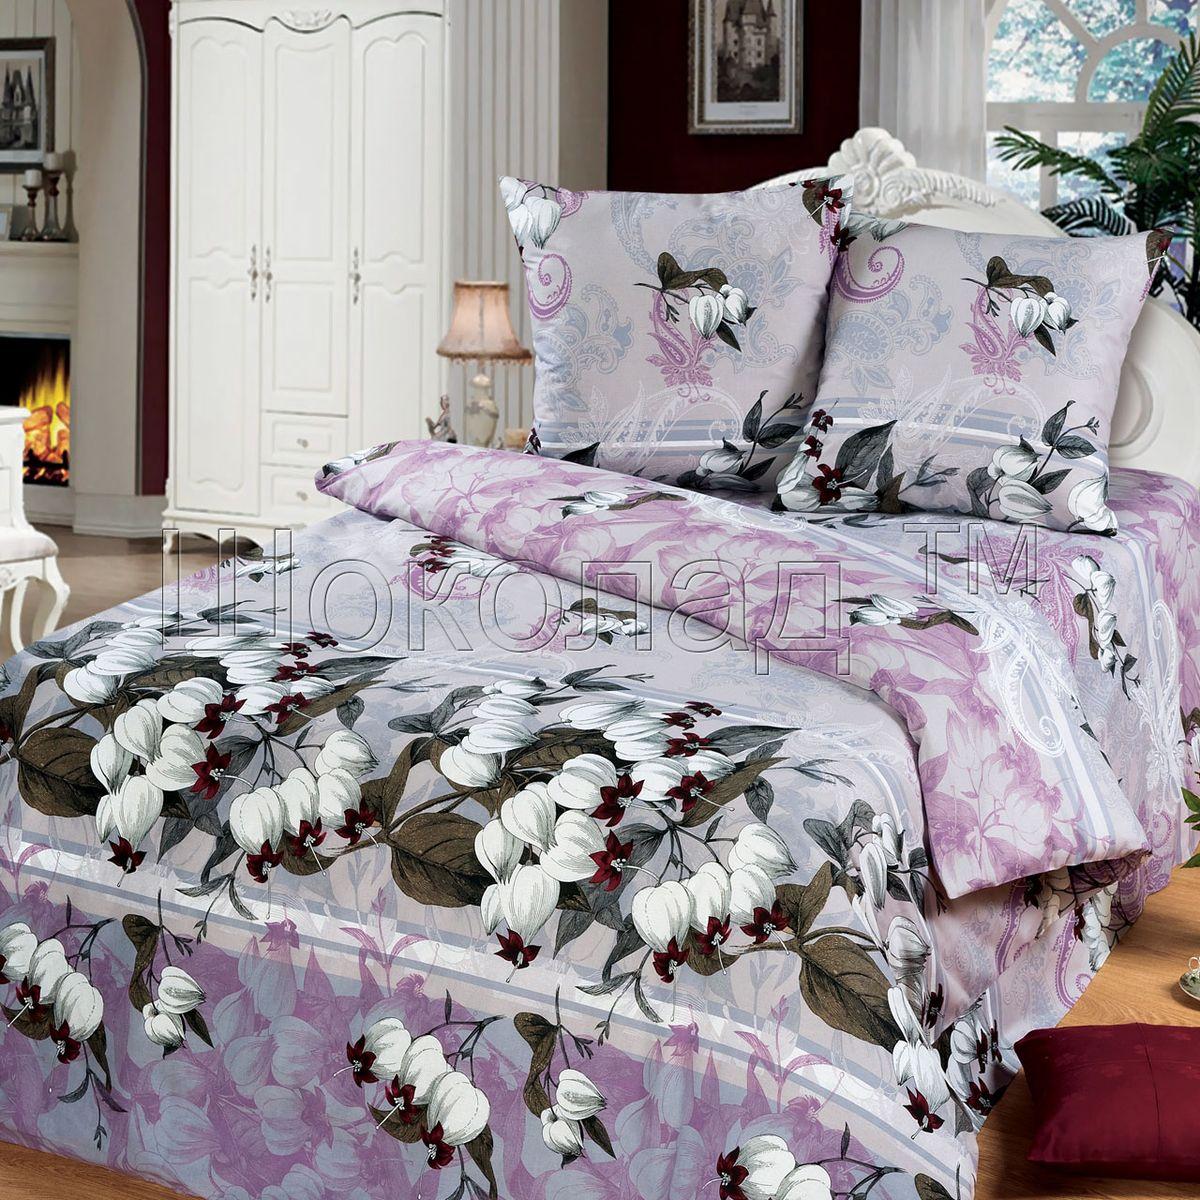 Комплект белья Шоколад Анита, семейный, наволочки 70x70. Б12082608Комплект постельного белья Шоколад Анита является экологически безопасным для всей семьи, так как выполнен из натурального хлопка. Комплект состоит из двух пододеяльников, простыни и двух наволочек. Постельное белье оформлено оригинальным рисунком и имеет изысканный внешний вид.Бязь - это ткань полотняного переплетения, изготовленная из экологически чистого и натурального 100% хлопка. Она прочная, мягкая, обладает низкой сминаемостью, легко стирается и хорошо гладится. Бязь прекрасно пропускает воздух и за ней легко ухаживать. При соблюдении рекомендуемых условий стирки, сушки и глажения ткань имеет усадку по ГОСТу, сохранятся яркость текстильных рисунков. Приобретая комплект постельного белья Шоколад Анита, вы можете быть уверены в том, что покупка доставит вам и вашим близким удовольствие и подарит максимальный комфорт.